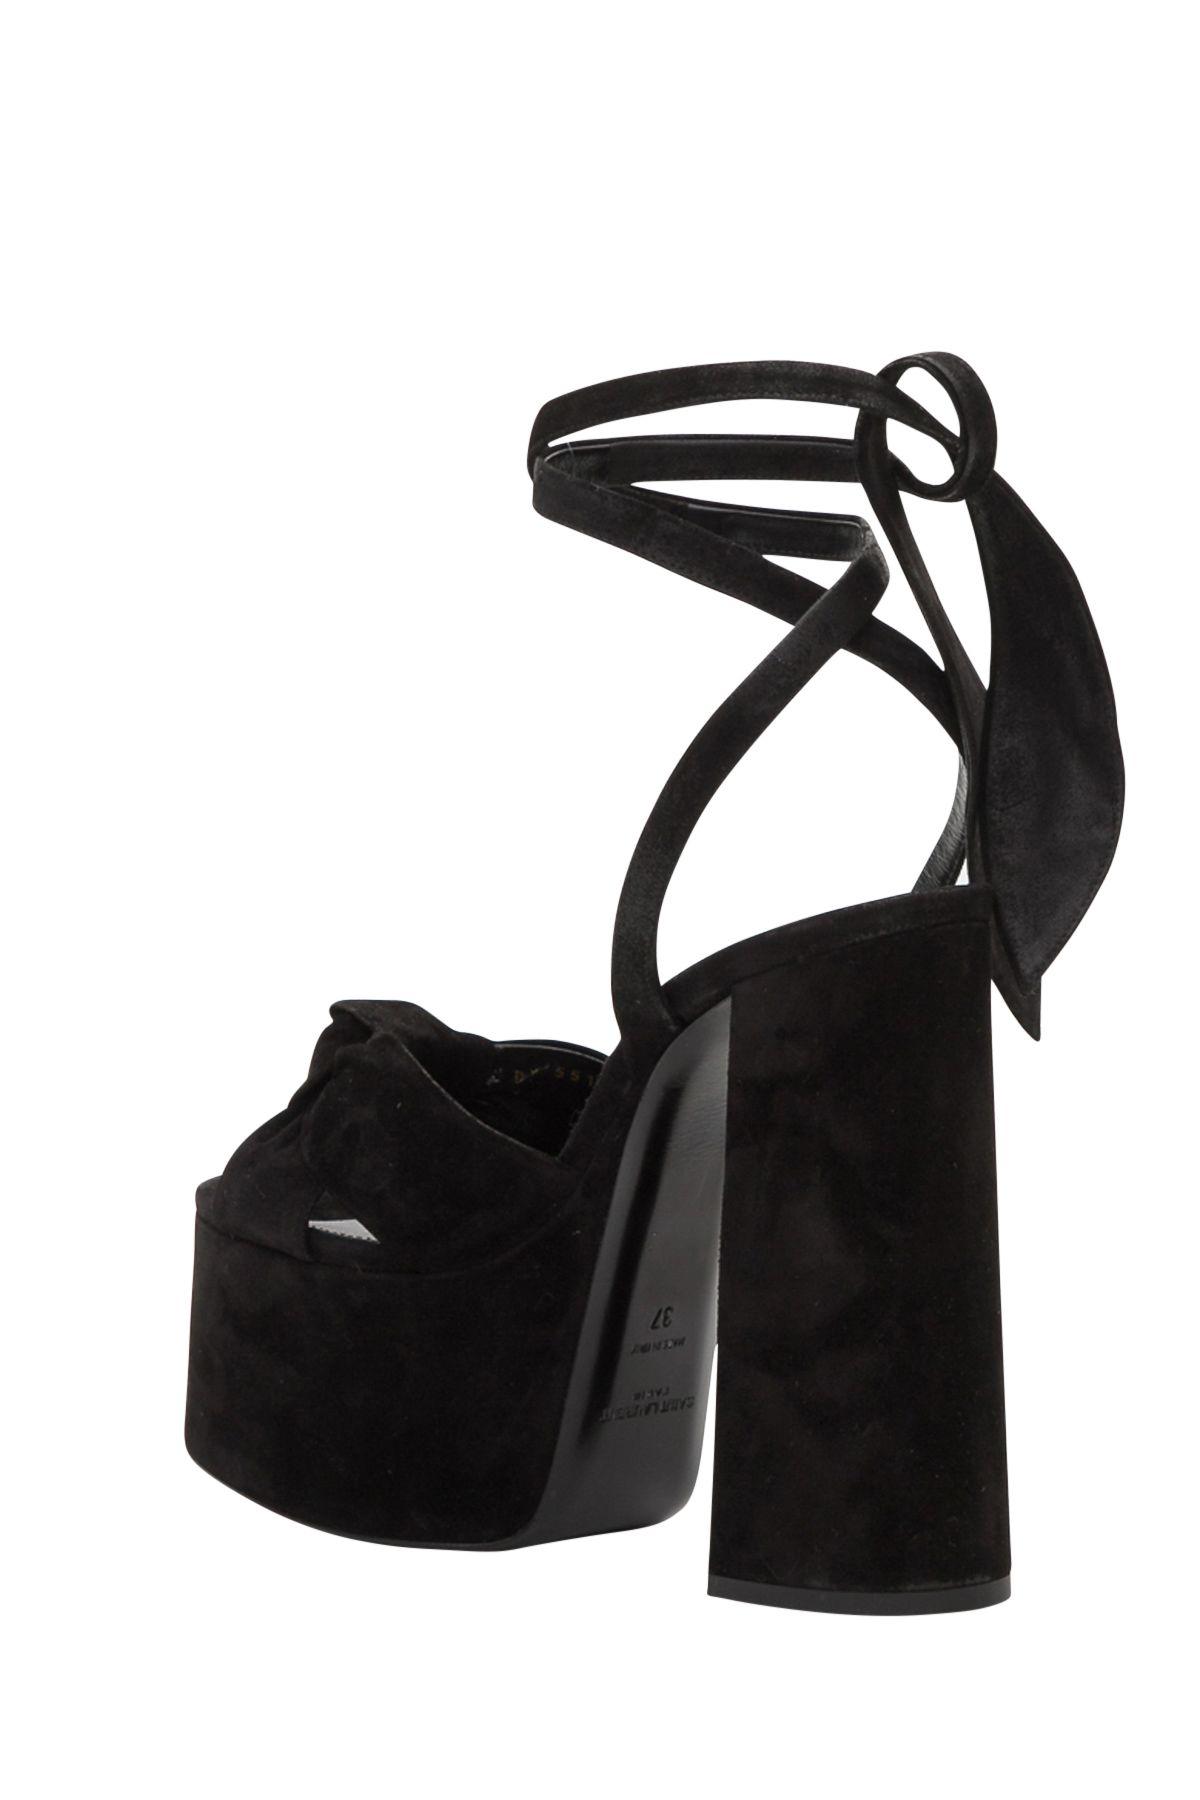 7866416e602 Saint Laurent Saint Laurent Paige Suede Platform Sandals - Black ...